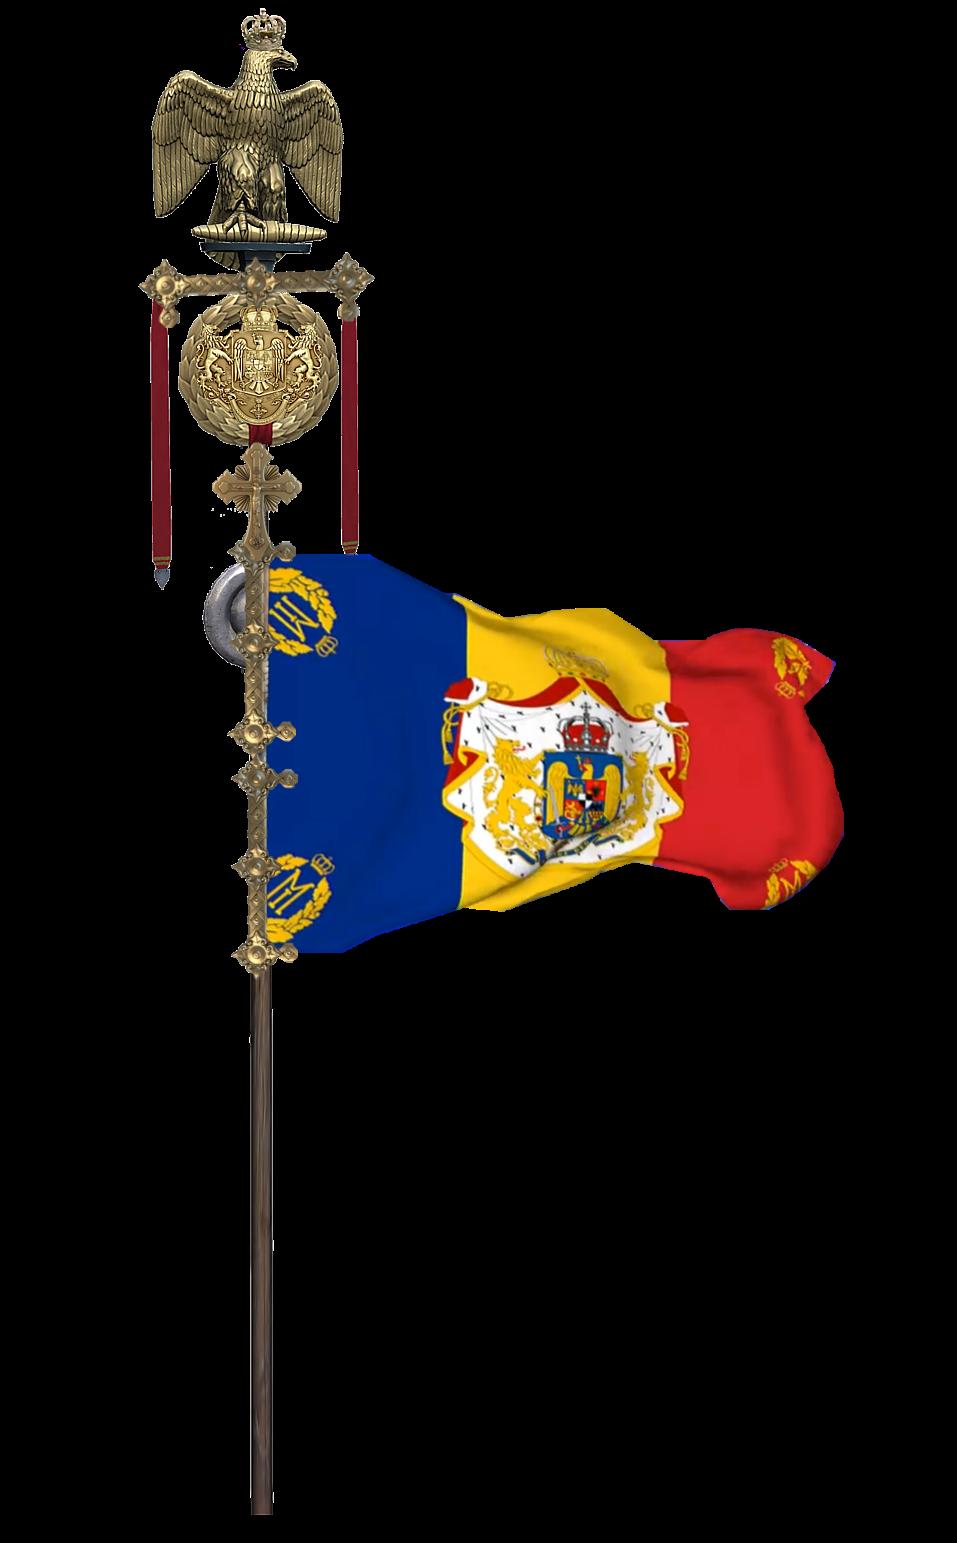 Steagul Regal al României.